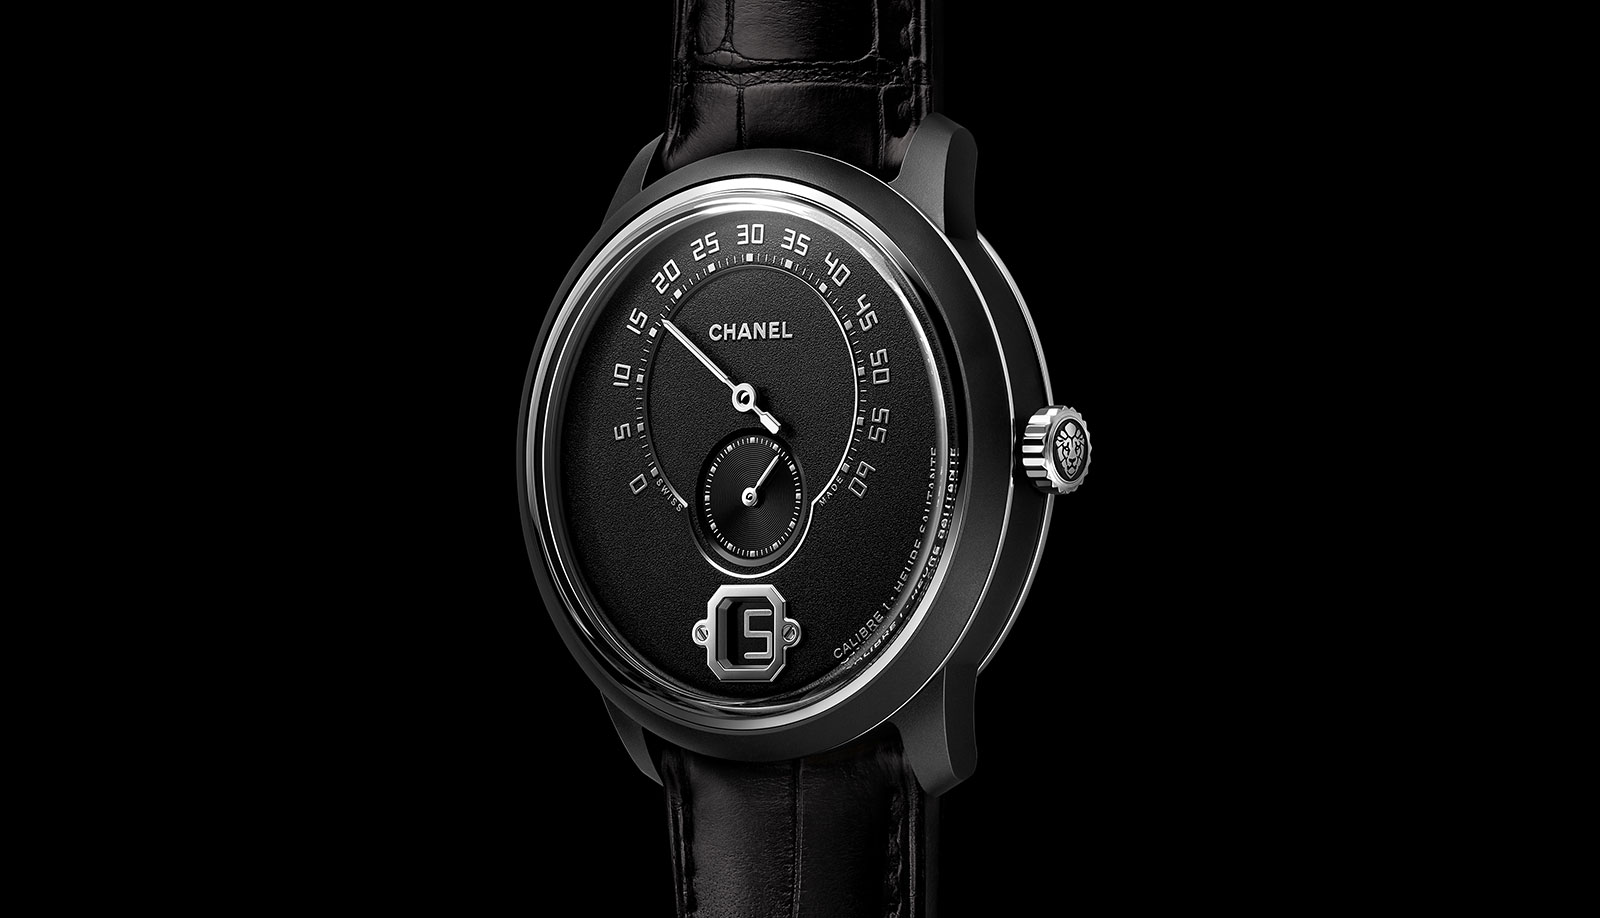 Chanel Monsieur Édition Noire watch 1